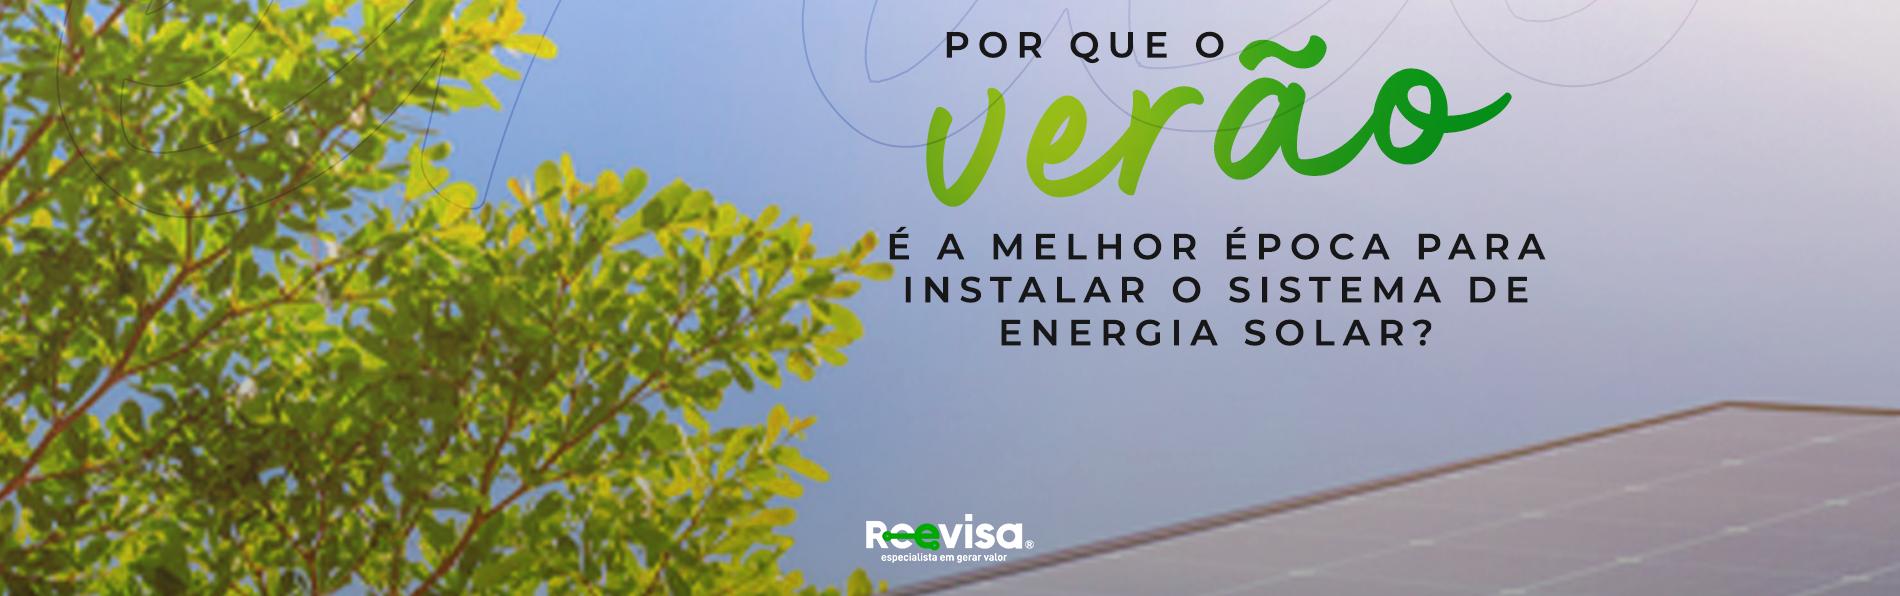 Sistema de energia solar: saiba por que instalar no verão